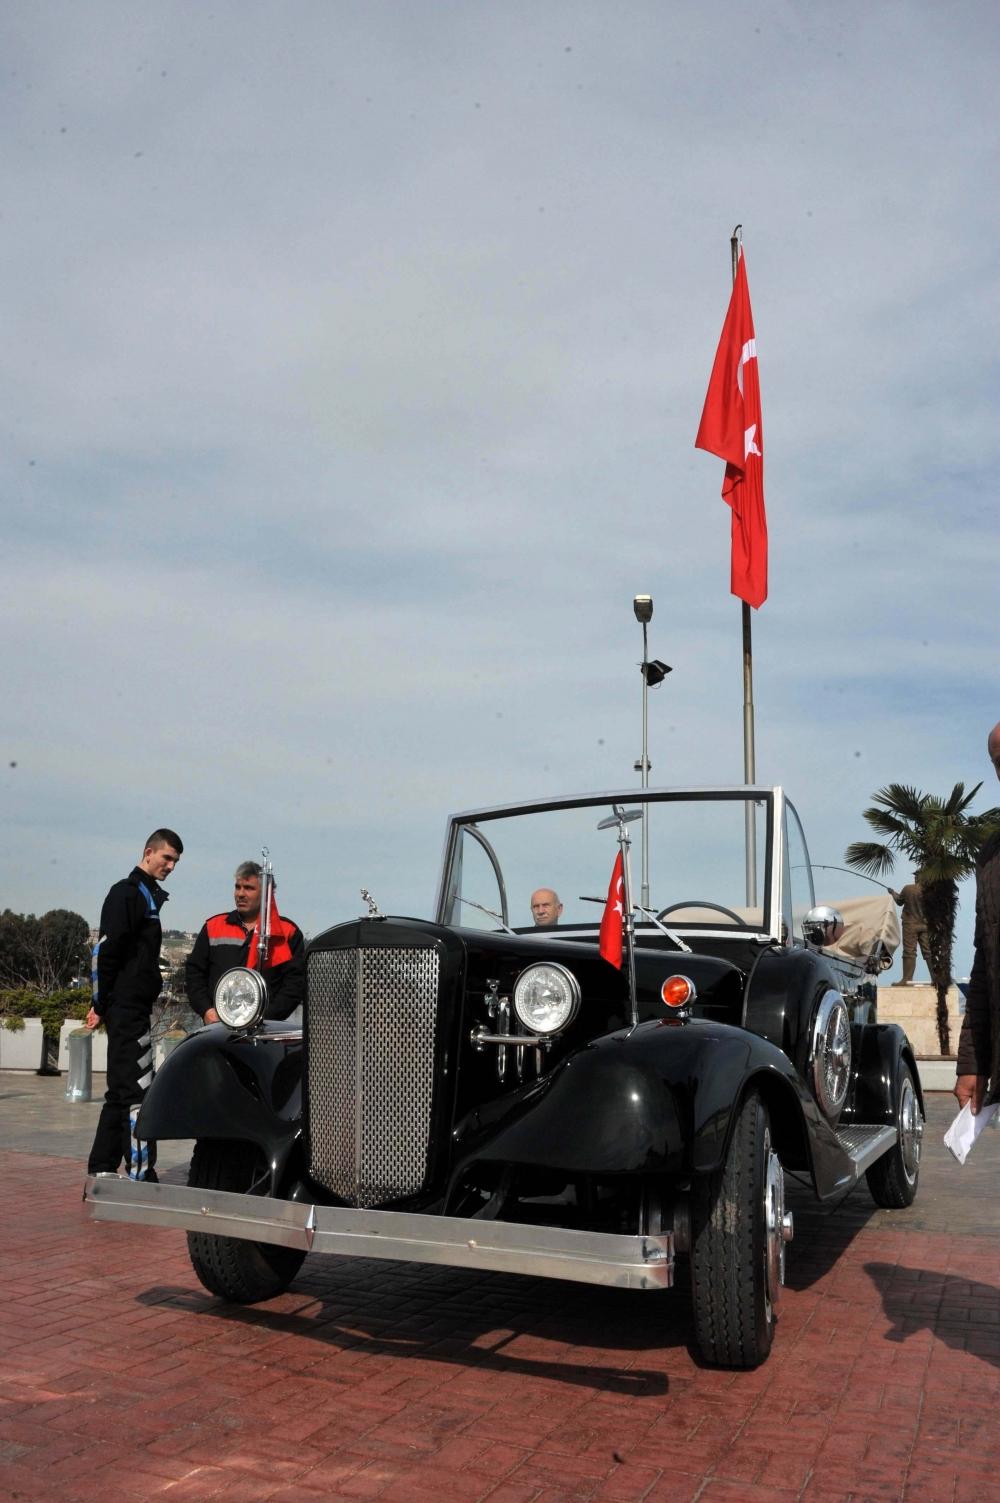 Samsunlu Usta Atatürk'ün Aracının Aynısını Yaptı galerisi resim 14